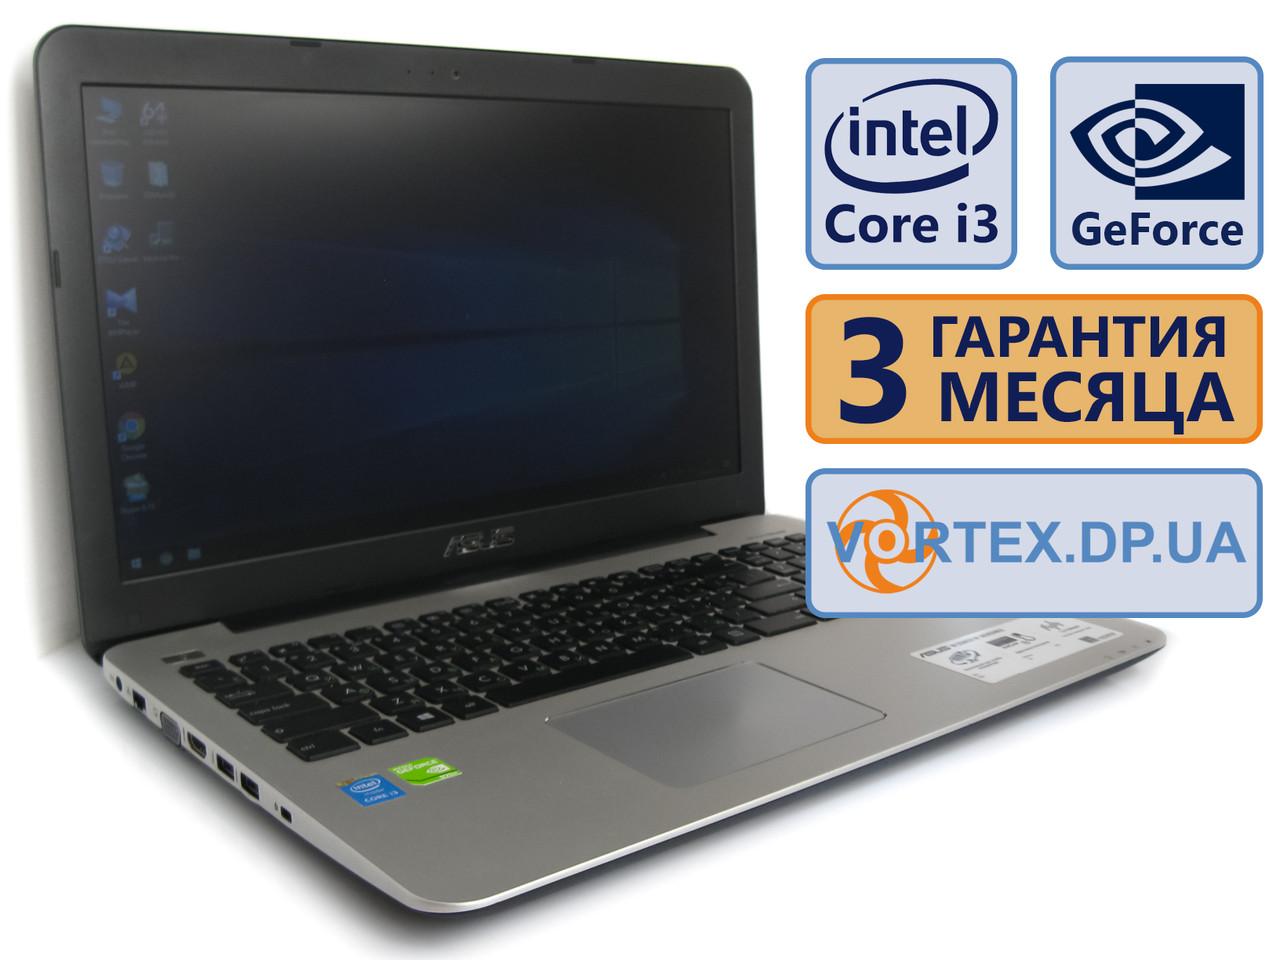 Уценка! Ноутбук Asus K555L 15.6 (1366x768) / Intel Core i3-4030U (2x1.